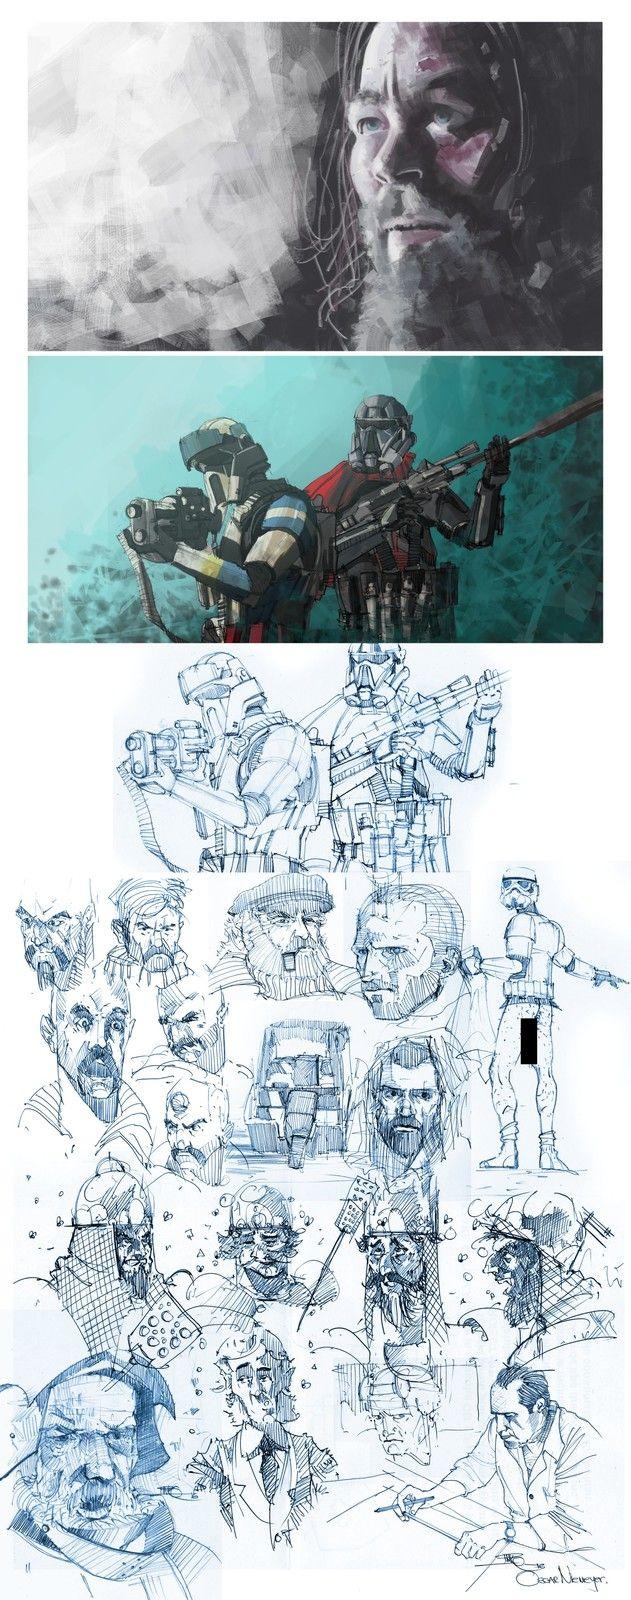 New Sketching session, Marko Pudar on ArtStation at https://www.artstation.com/artwork/VYXdX